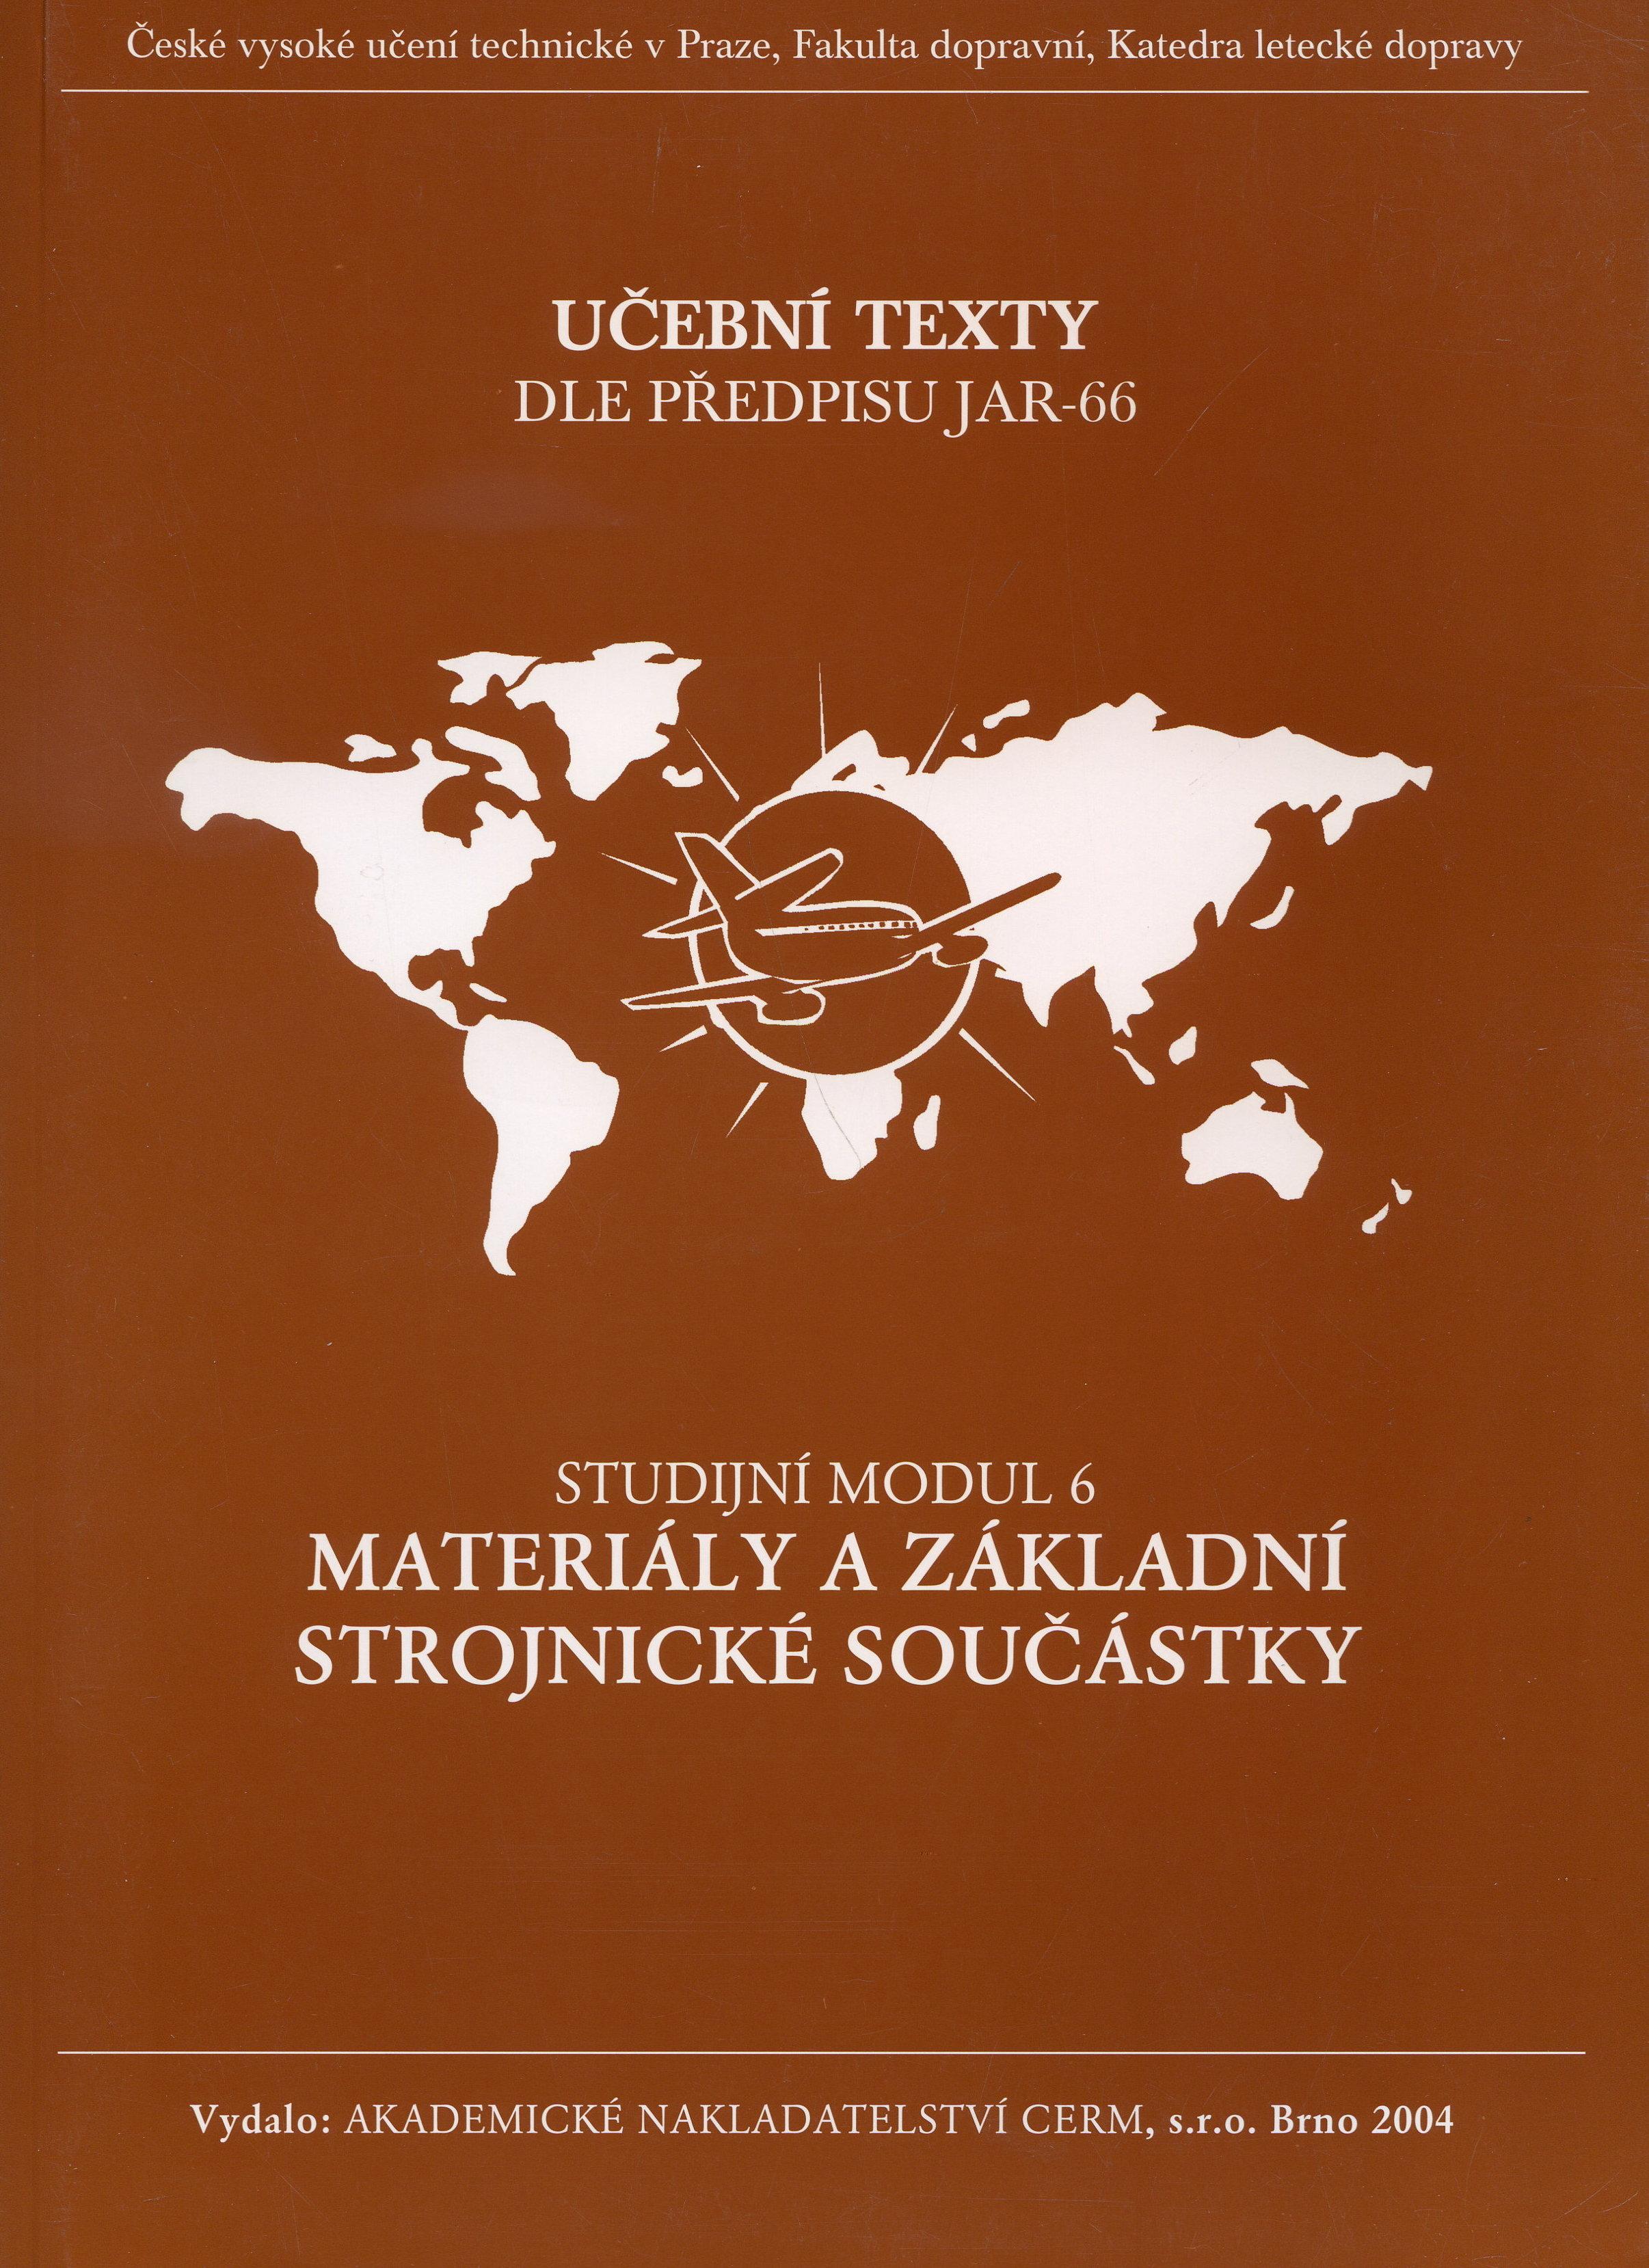 Materiály a základní strojnické součástky - modul 6